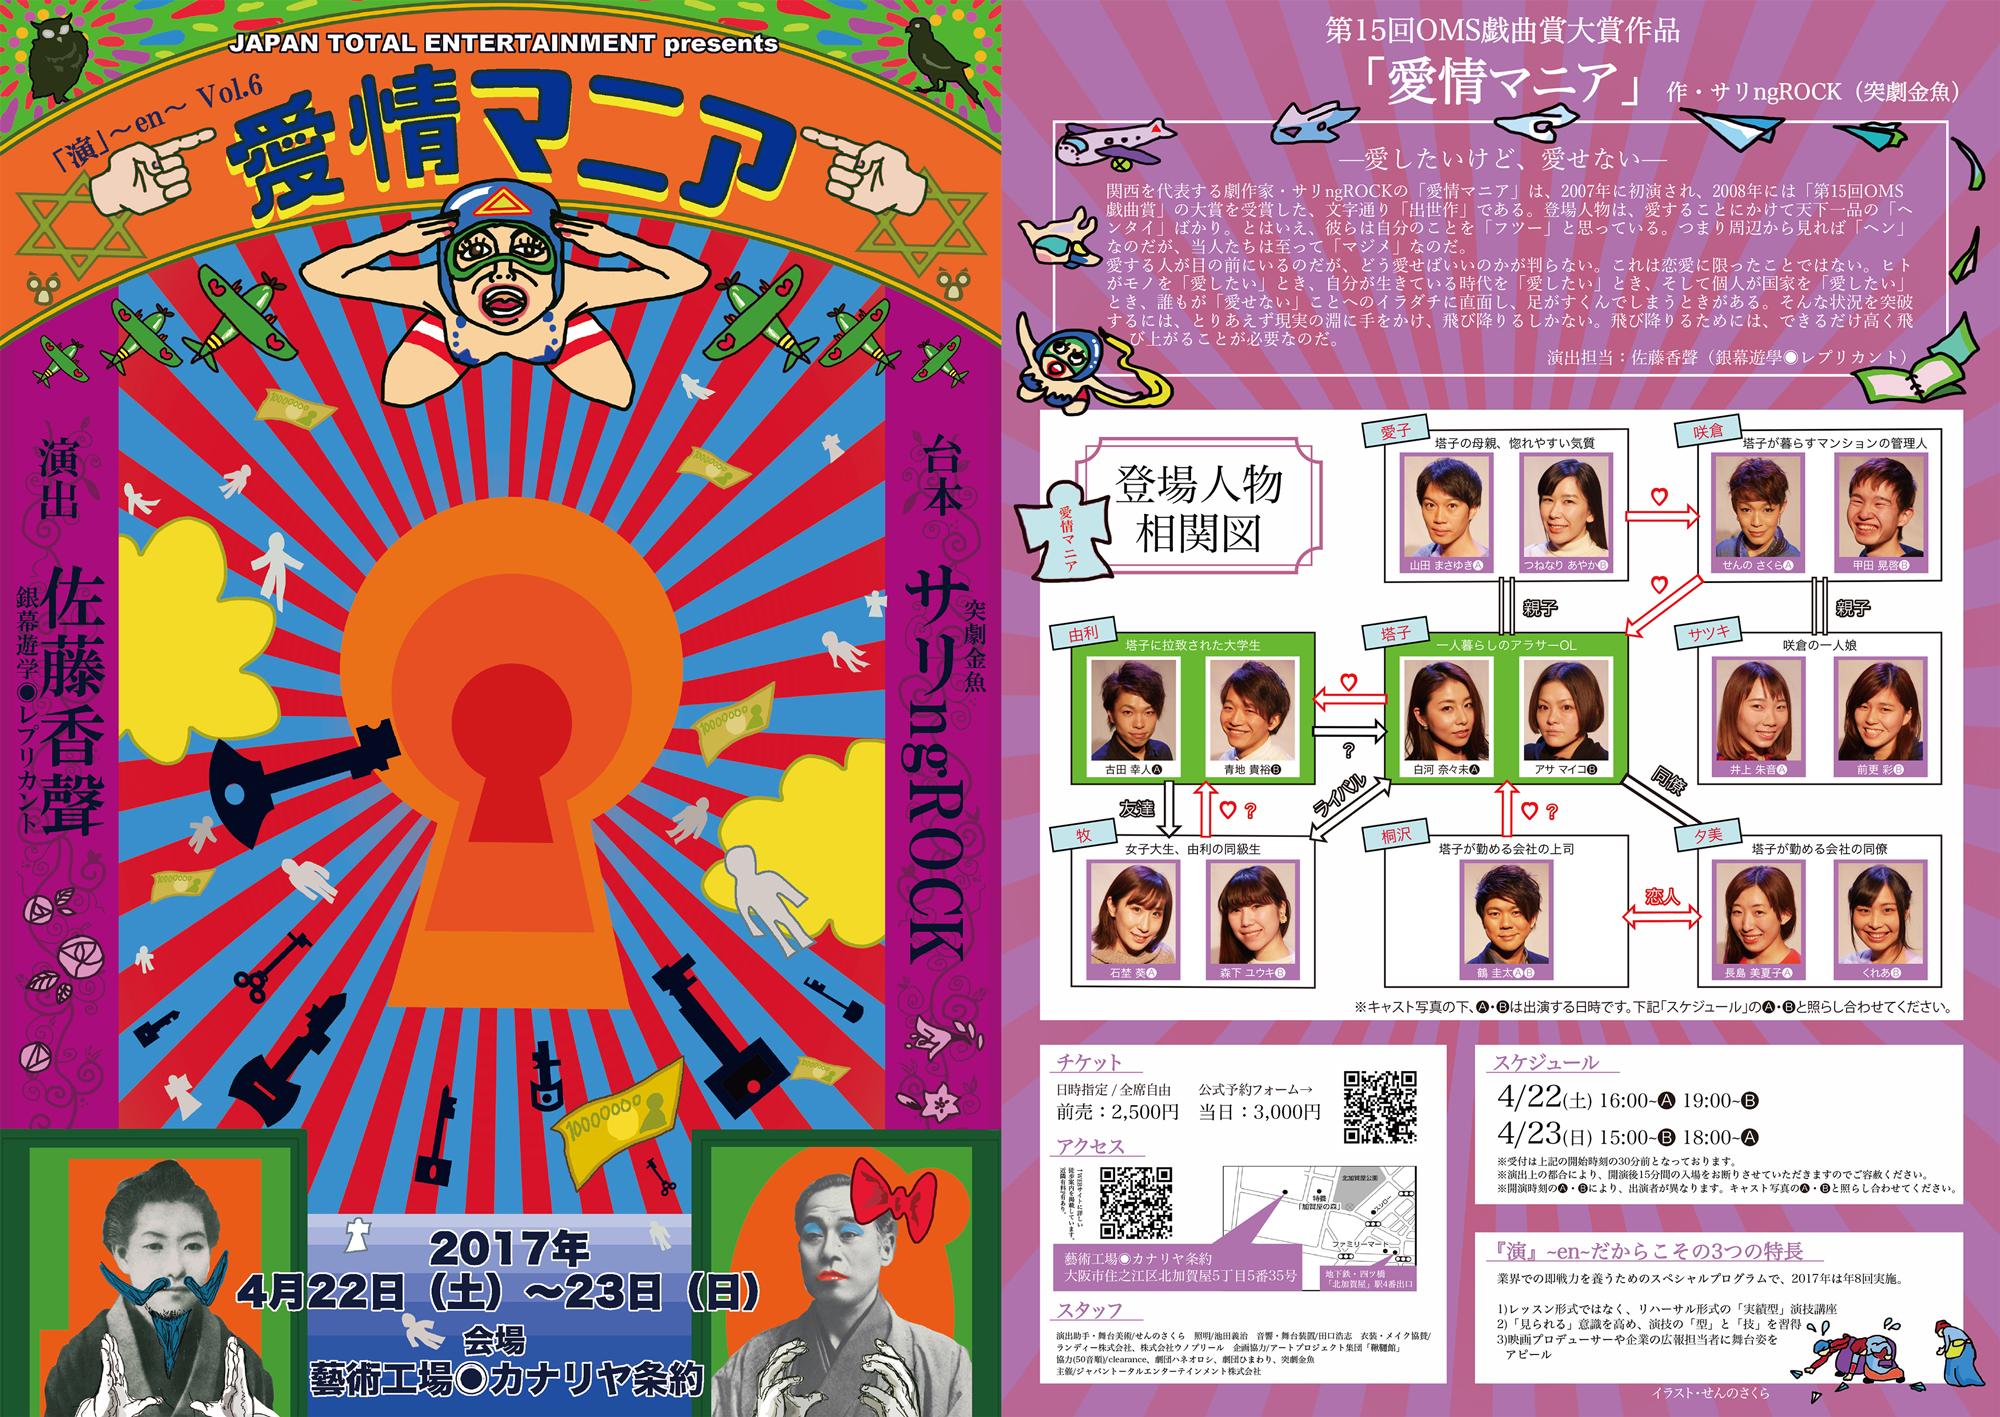 【6名出演】『演』~en~Vol,6 「愛情マニア」公演のお知らせ